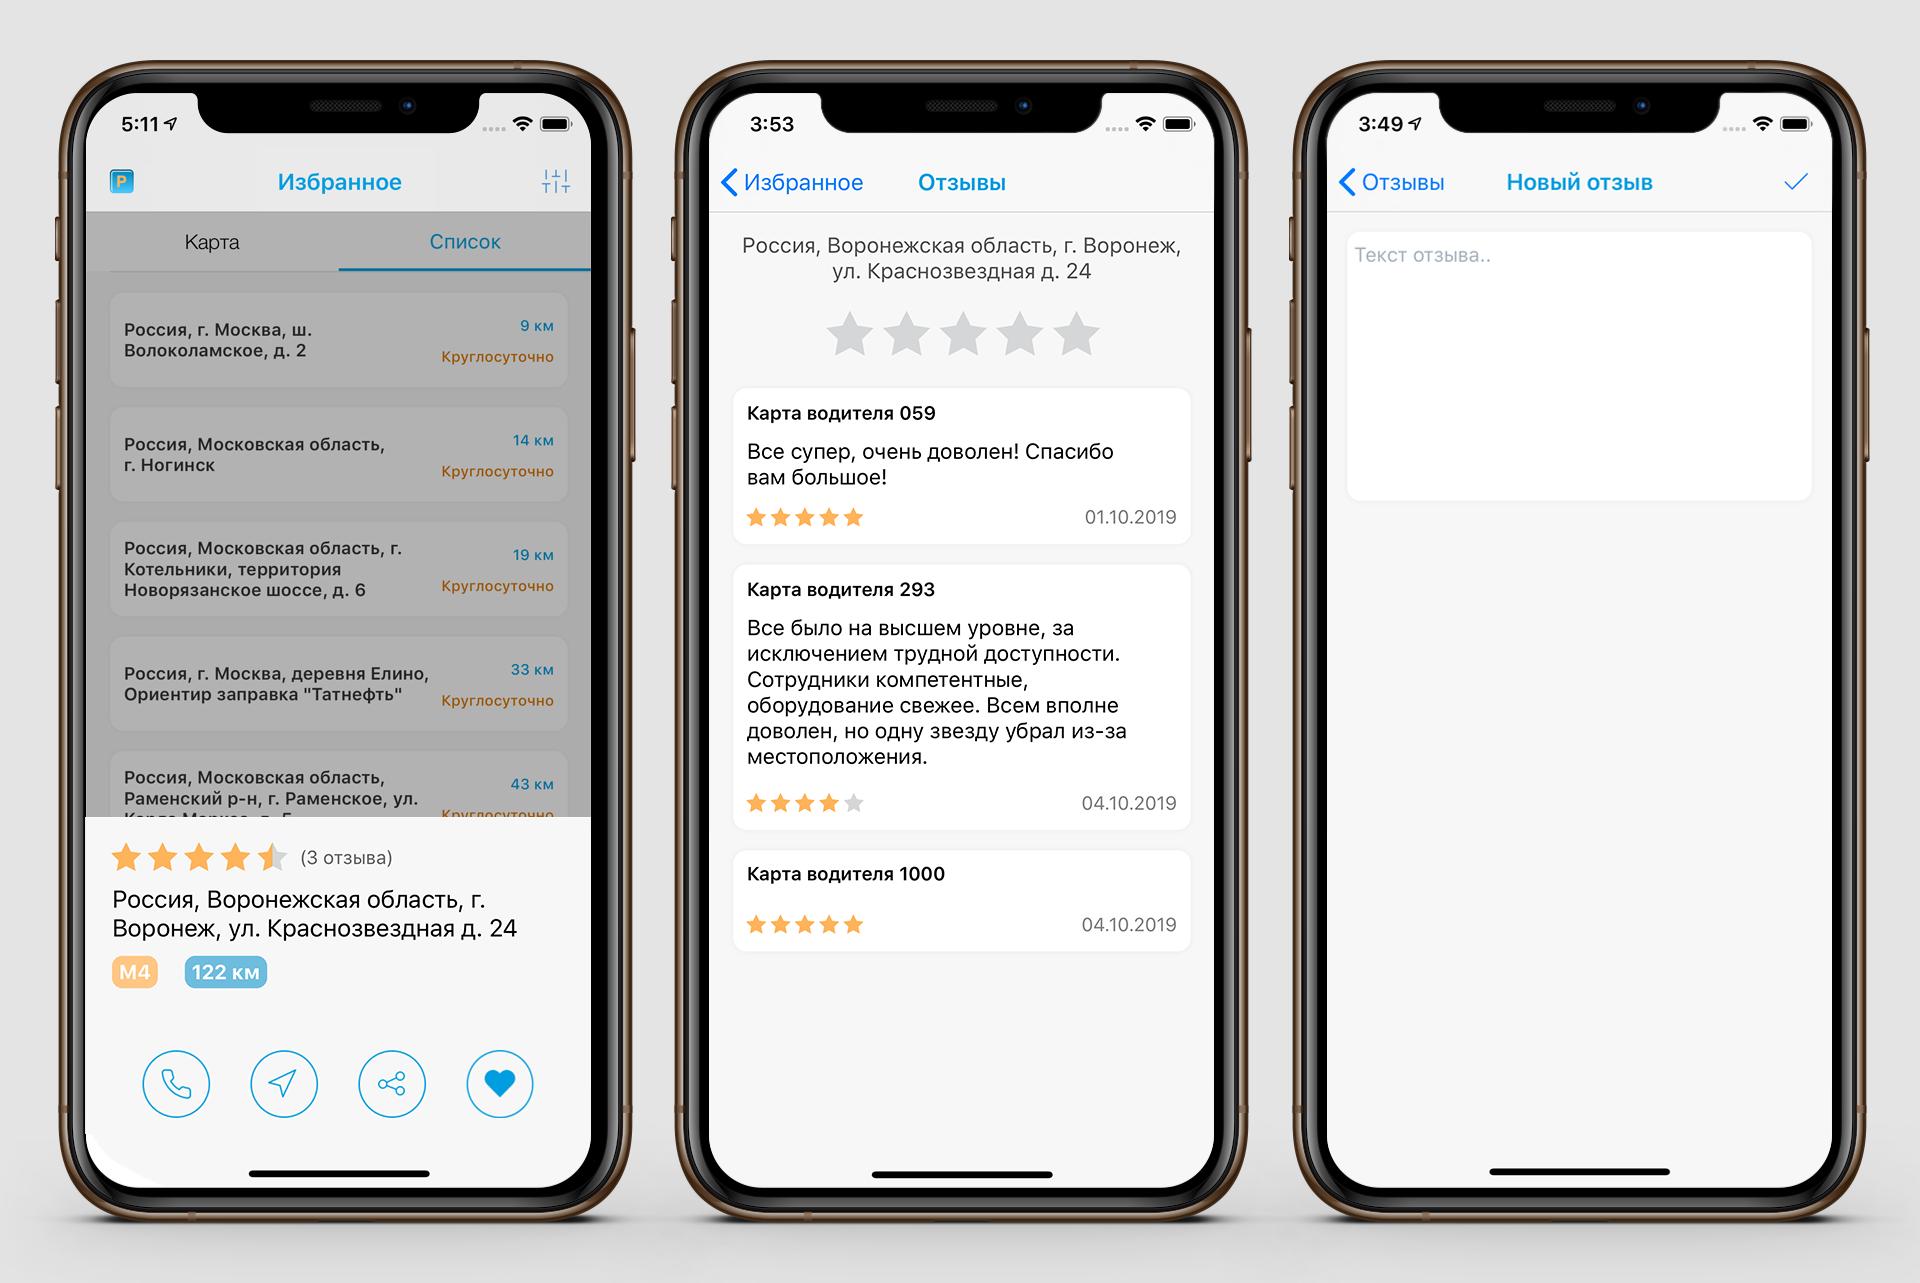 Система отзывов (рейтинга) для iOS